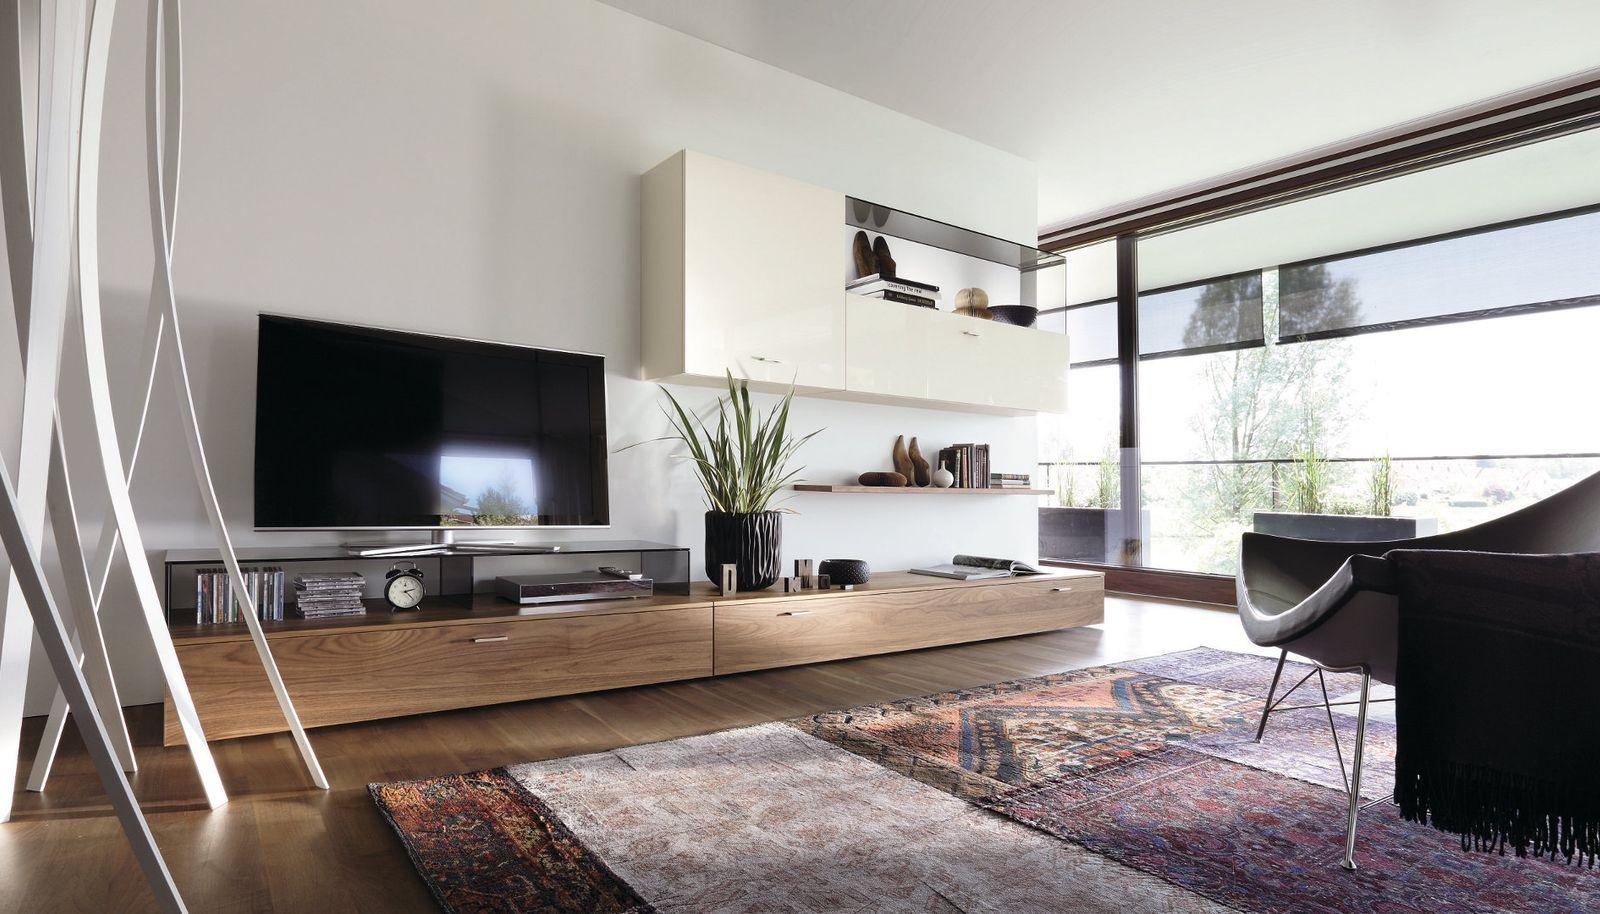 Möbel Marke living hülsta die möbelmarke wohn und einrichtungsideen